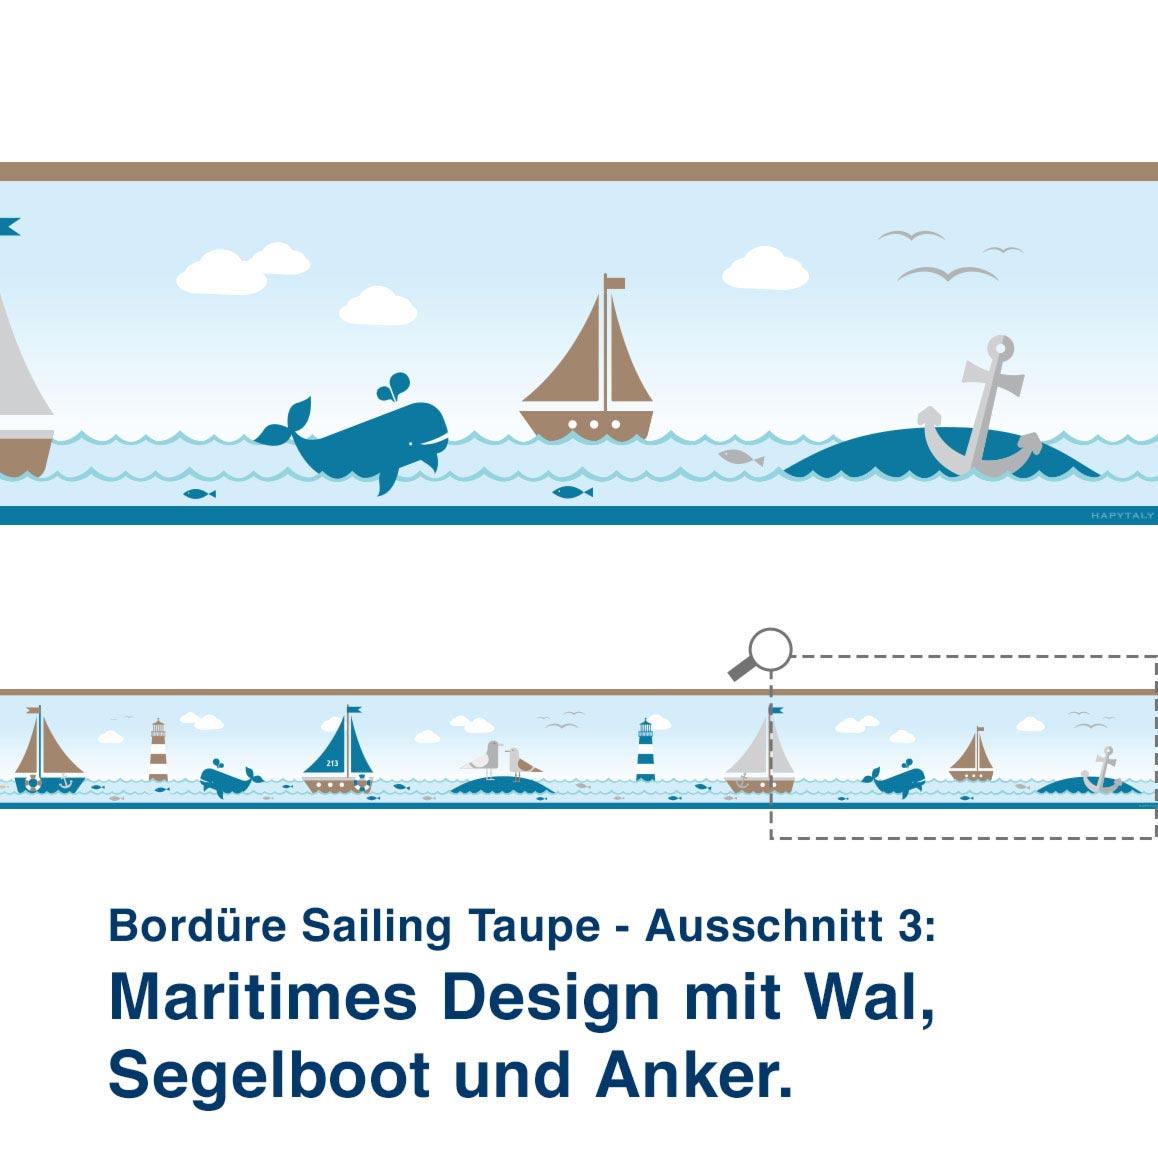 Bordüre Sailing Taupe - Ausschnitt 3:   Maritimes Design mit Wal, Segelboot und Anker.